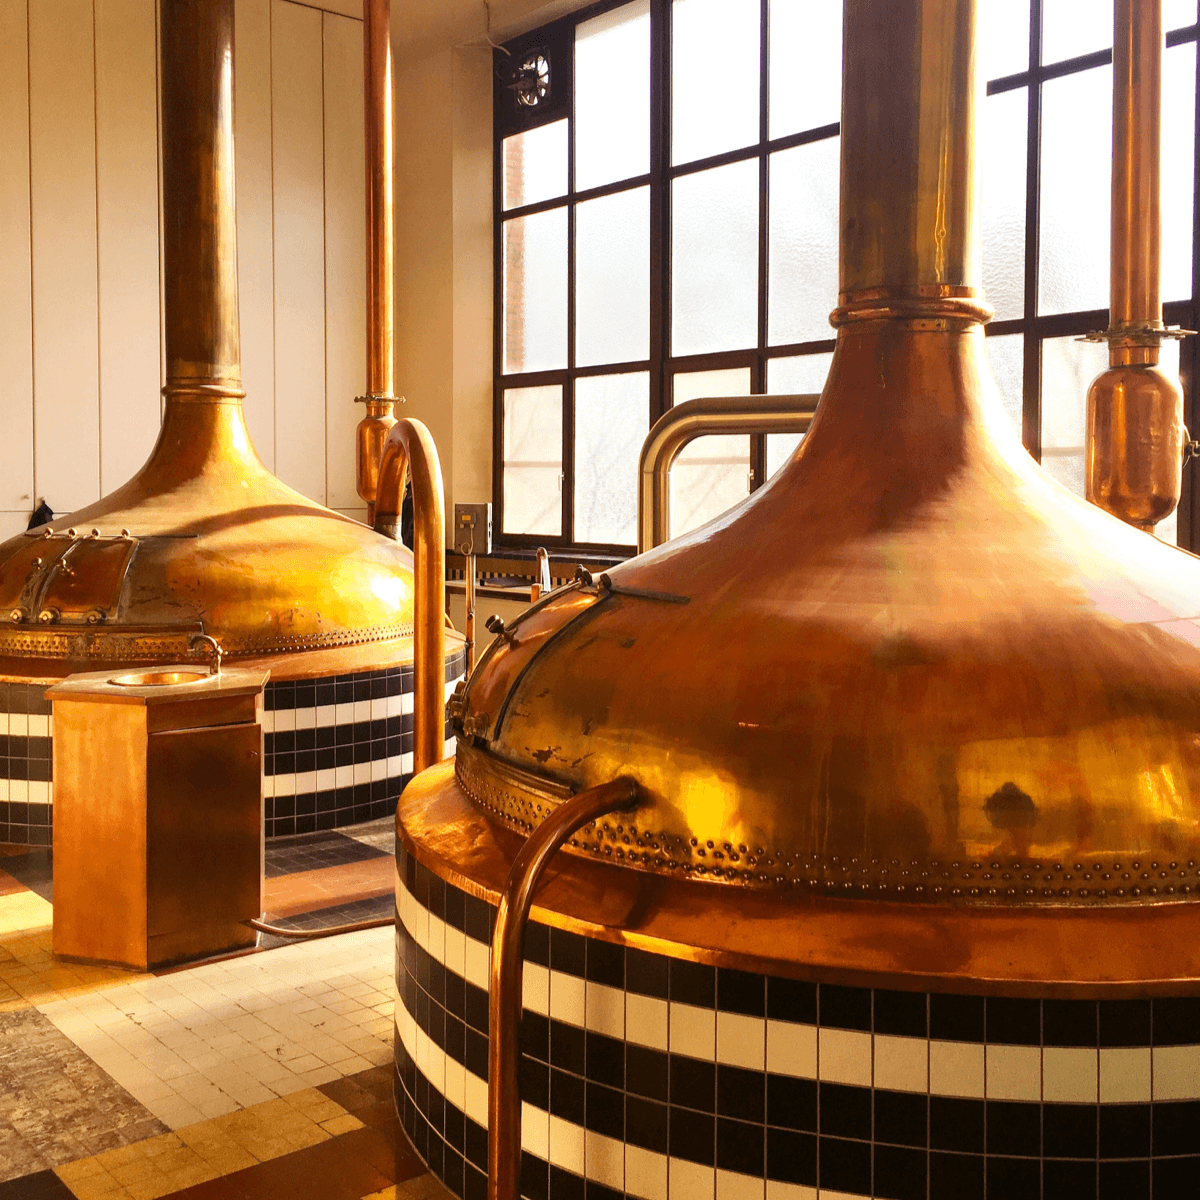 C'est dans ces grandes cuves en cuivre que les moines de l'abbaye de Westmalle ont brassé leurs bières jusqu'en 1956